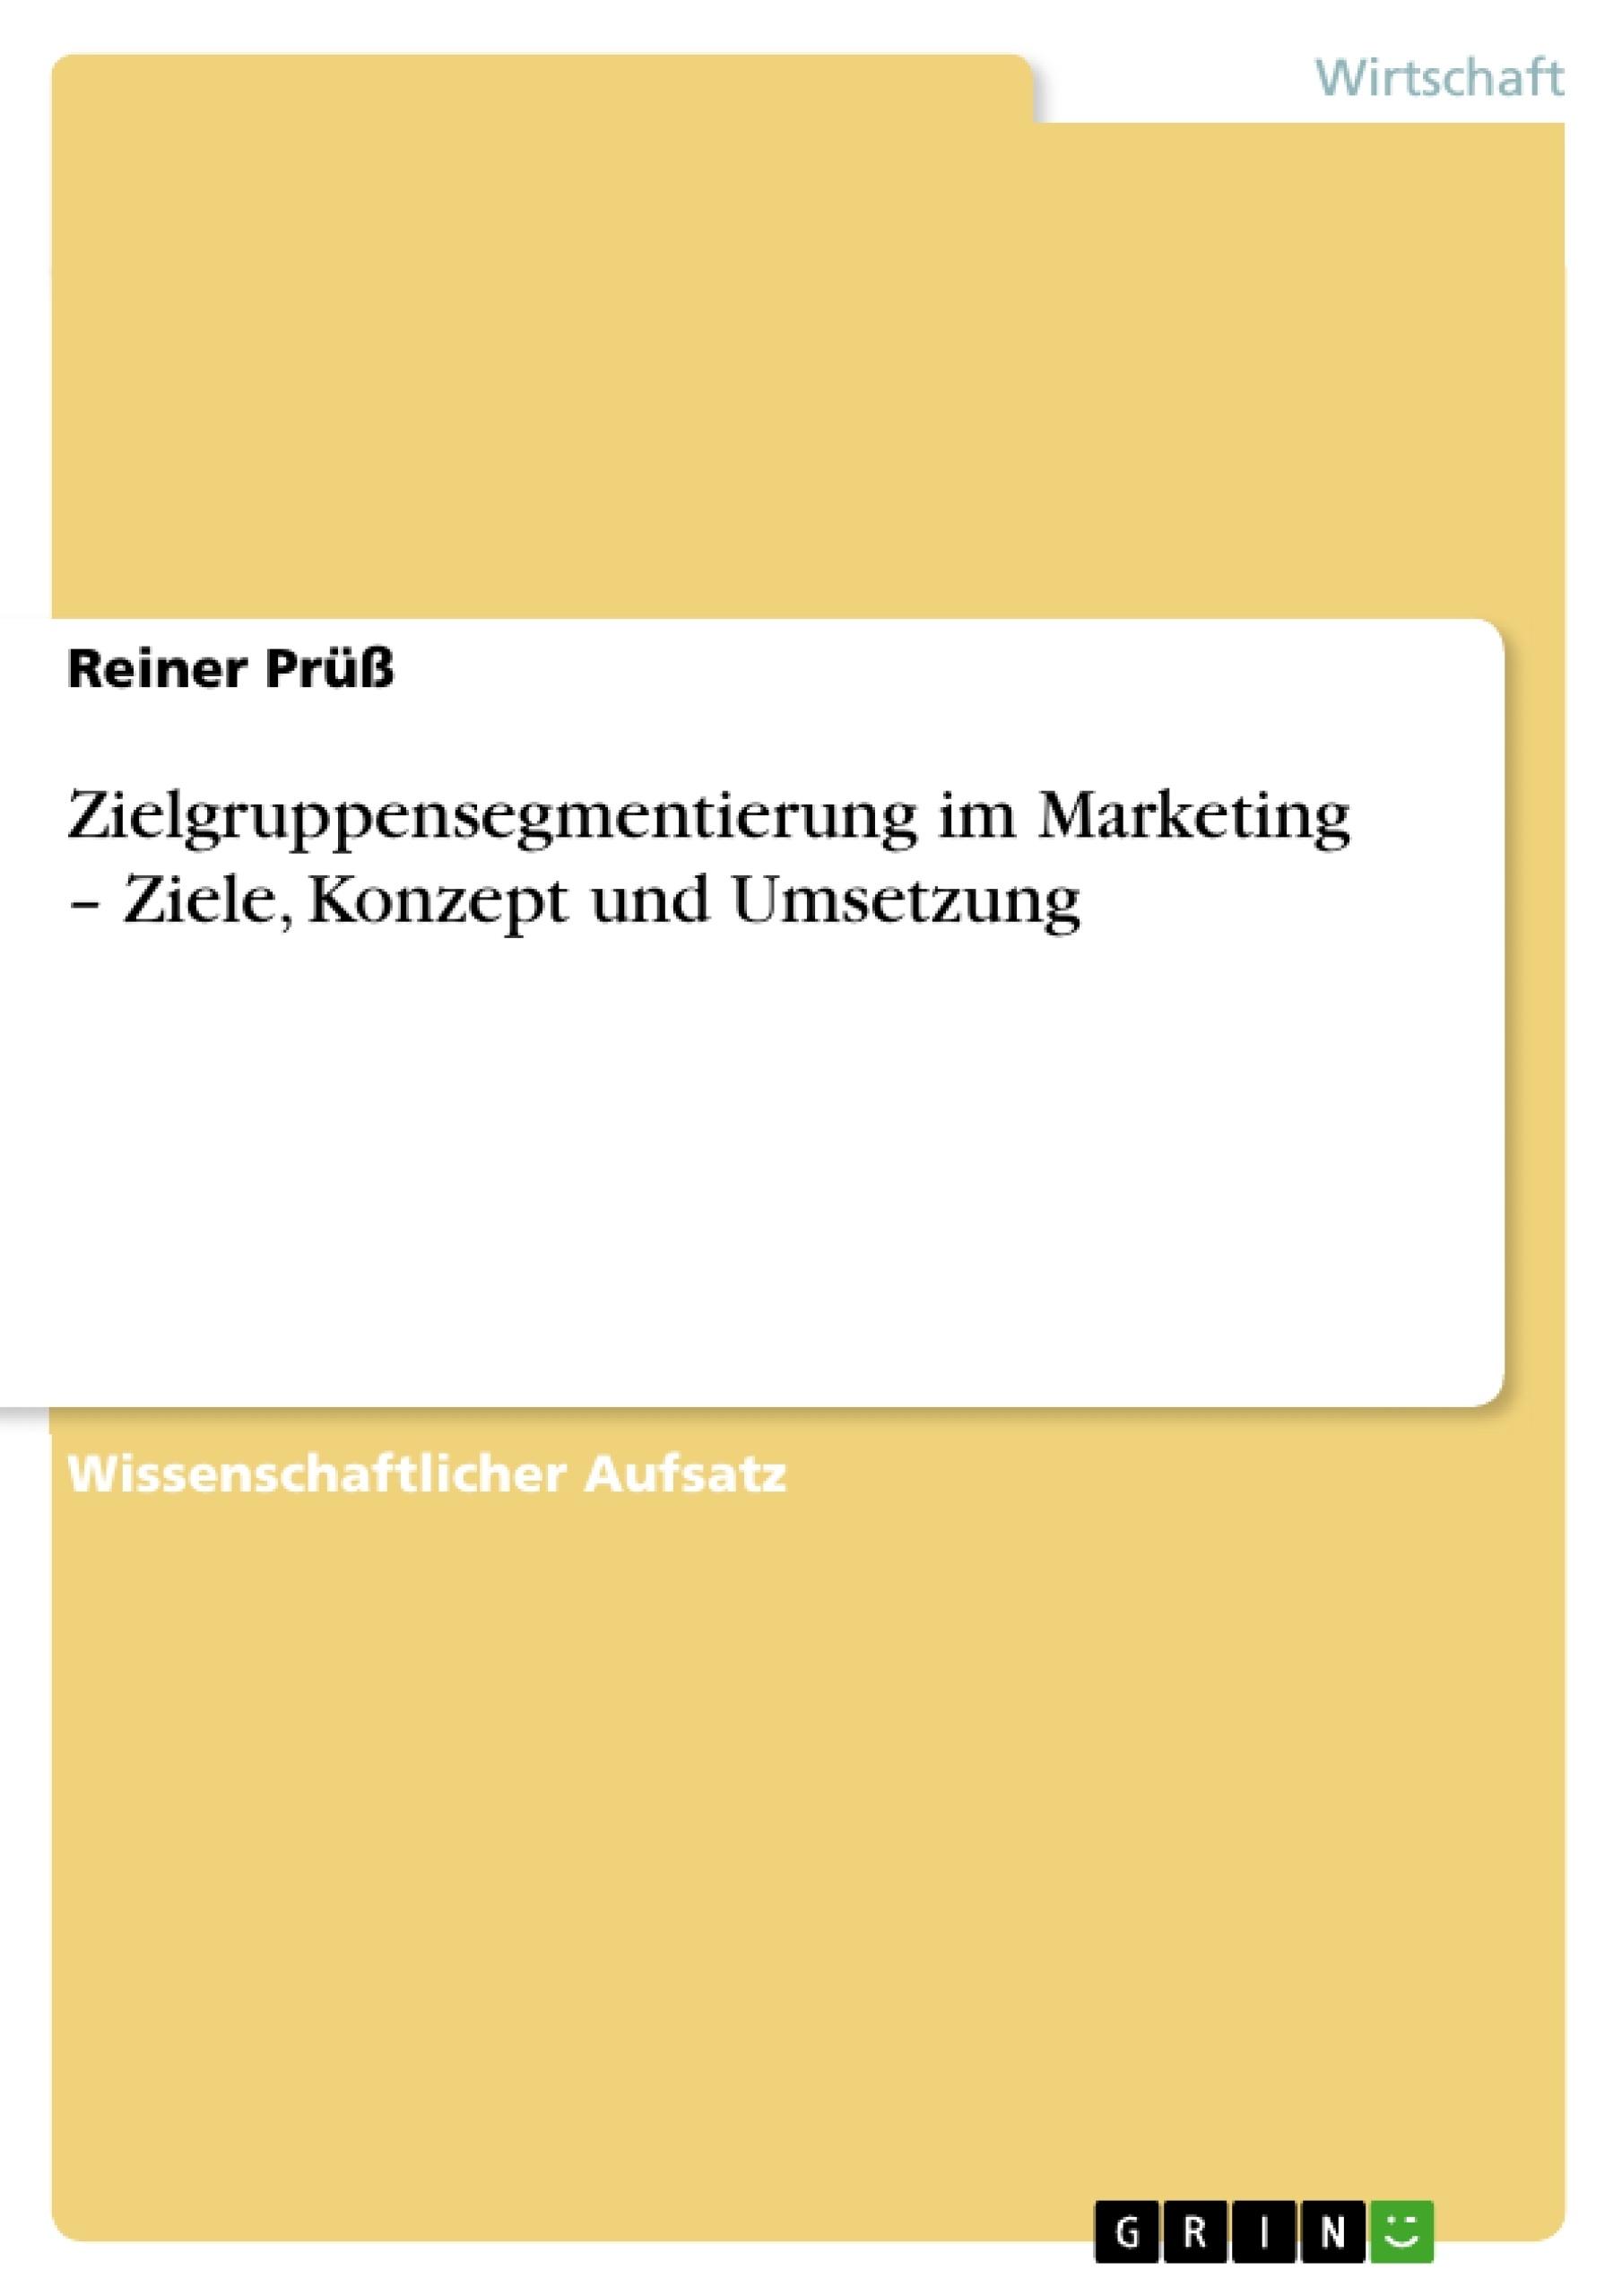 Titel: Zielgruppensegmentierung im Marketing – Ziele, Konzept und Umsetzung